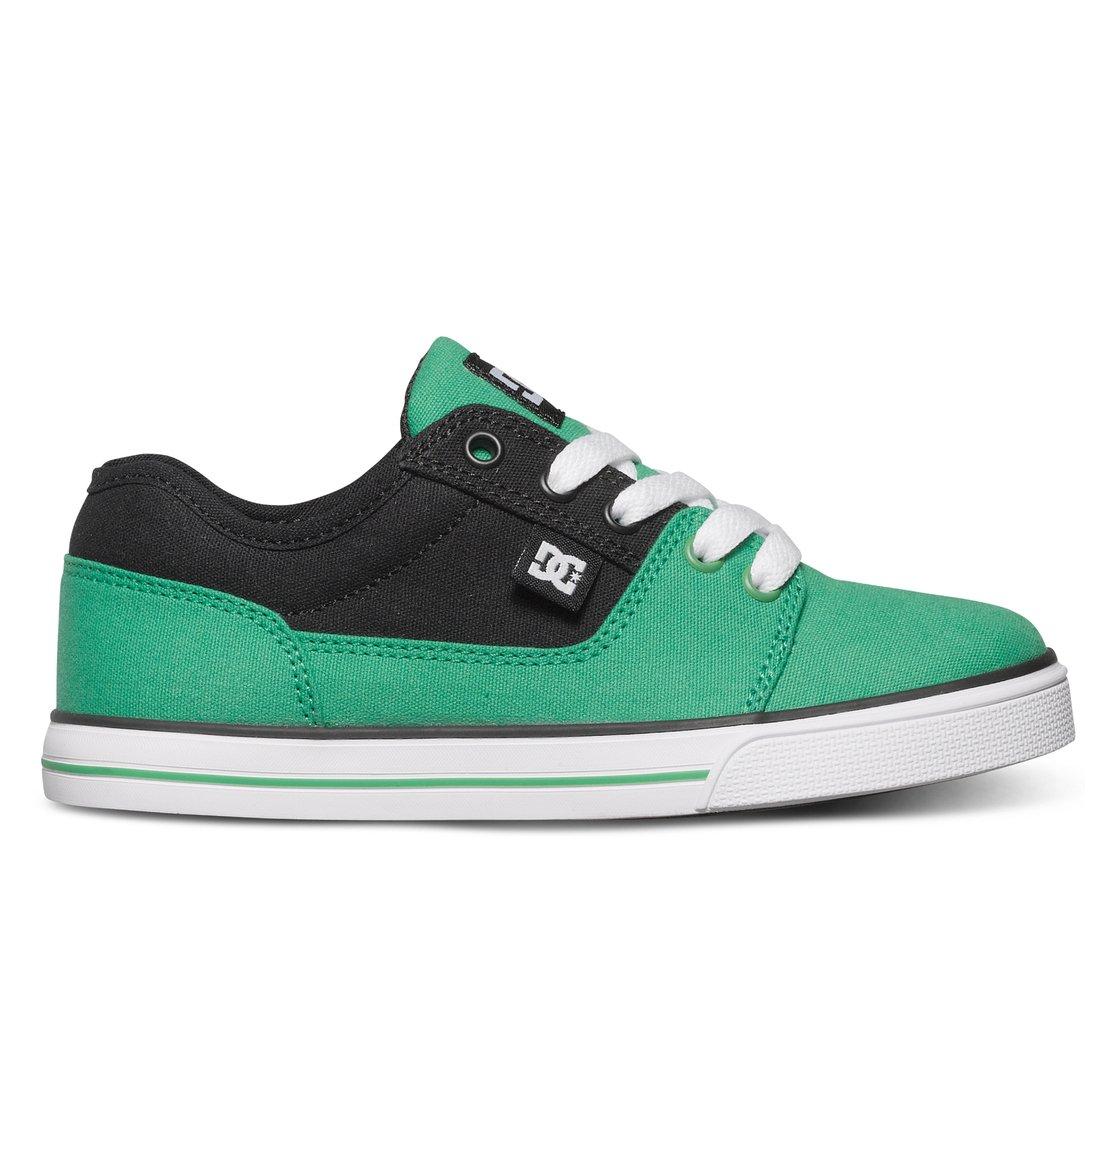 Здесь можно купить   Tonik TX Обувь 8-16 лет